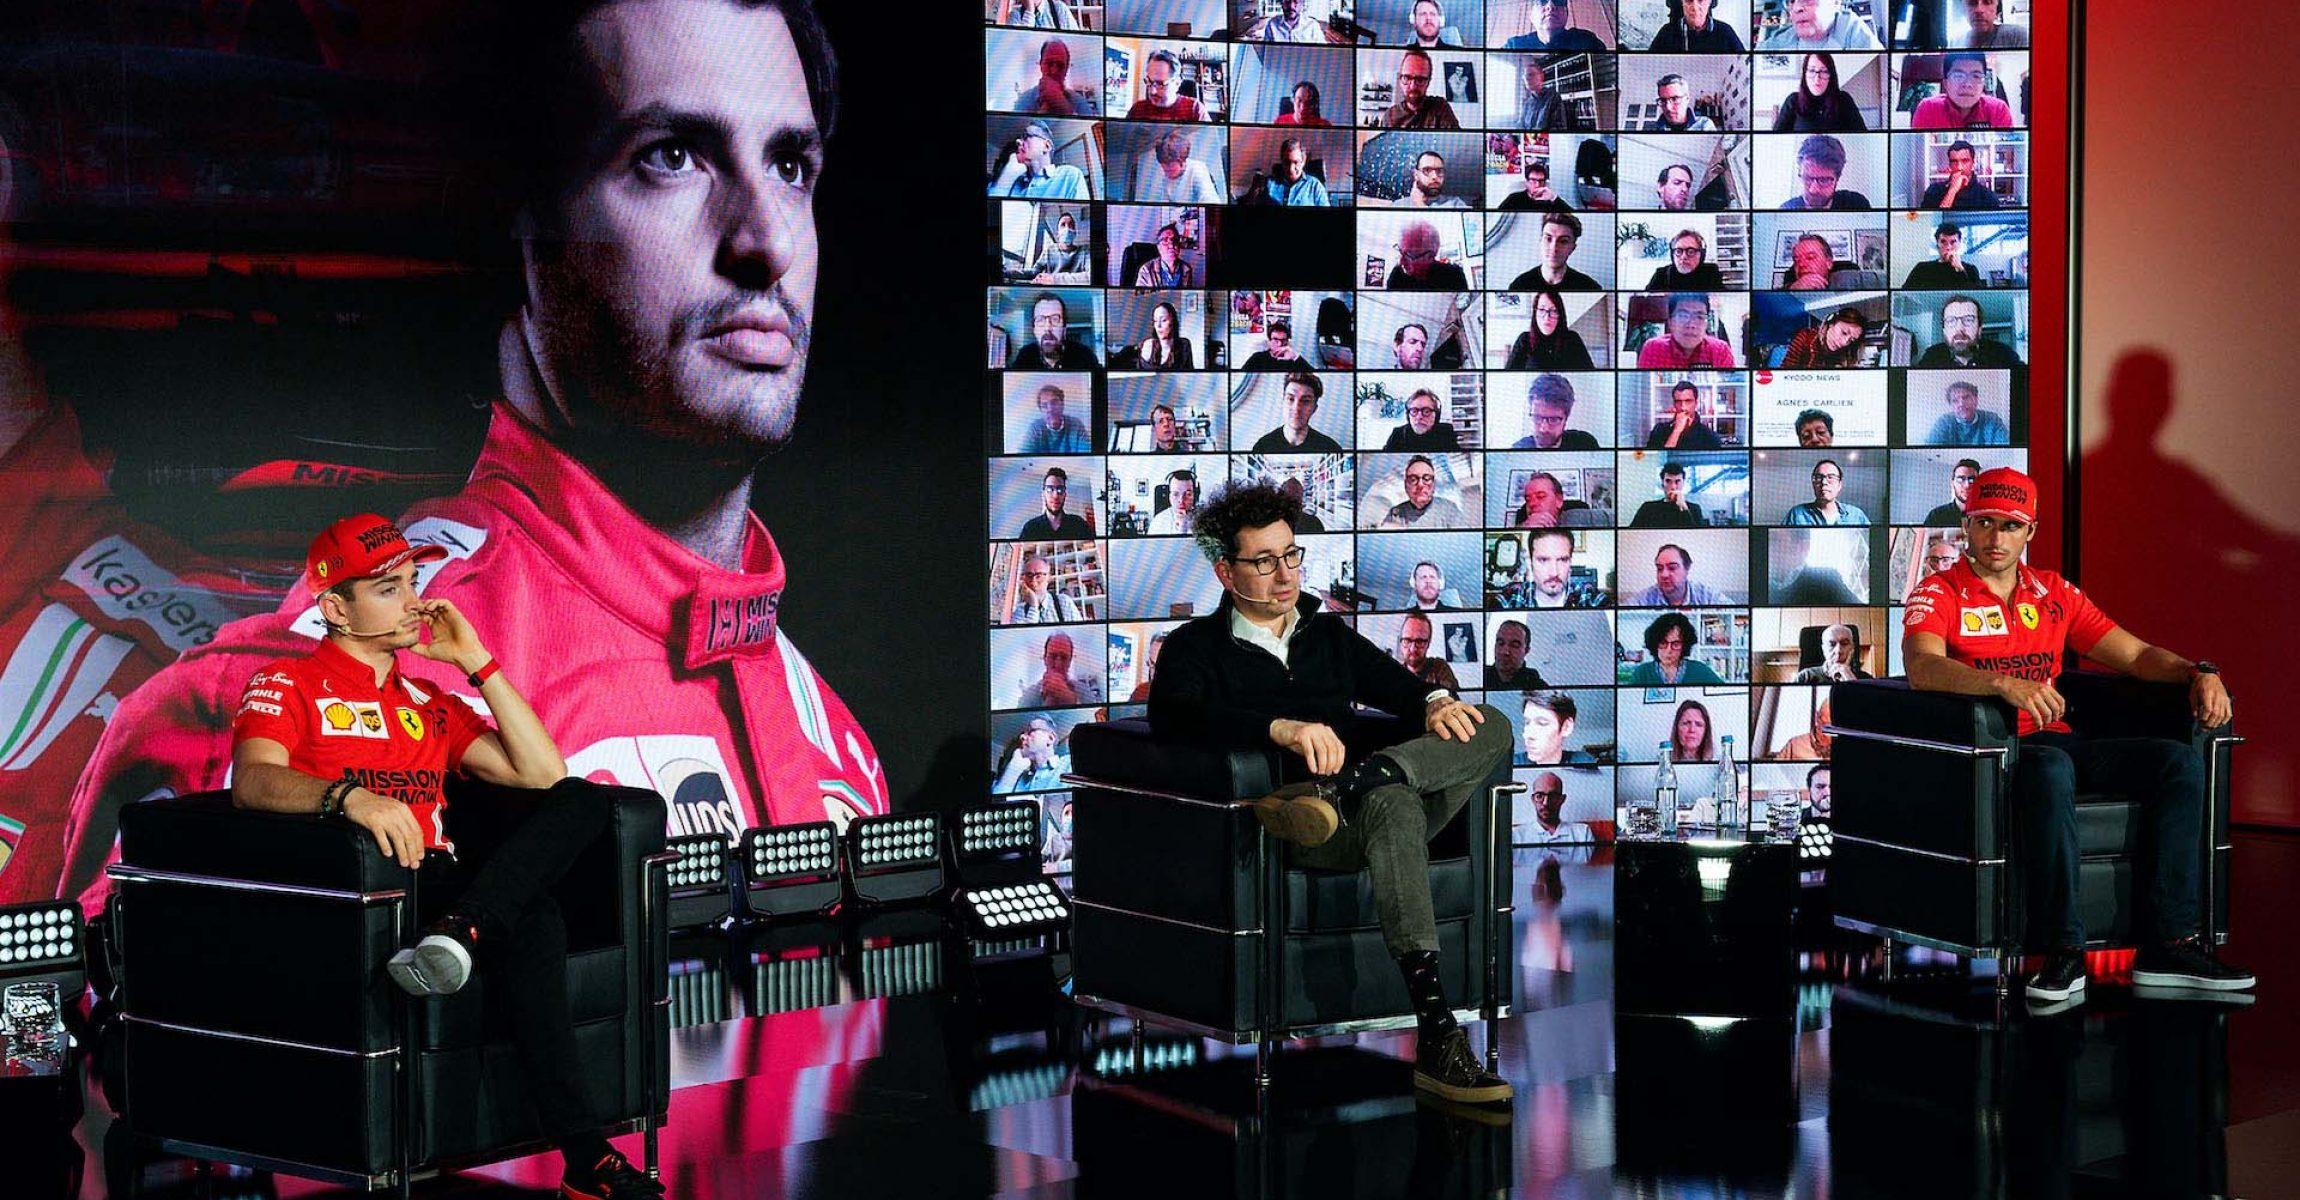 2021 FERRARI TEAM LAUNCH  - MARANELLO 26/02/2021 credit: © Scuderia Ferrari Press Office Mattia Binotto, Carlos Sainz, Charles Leclerc